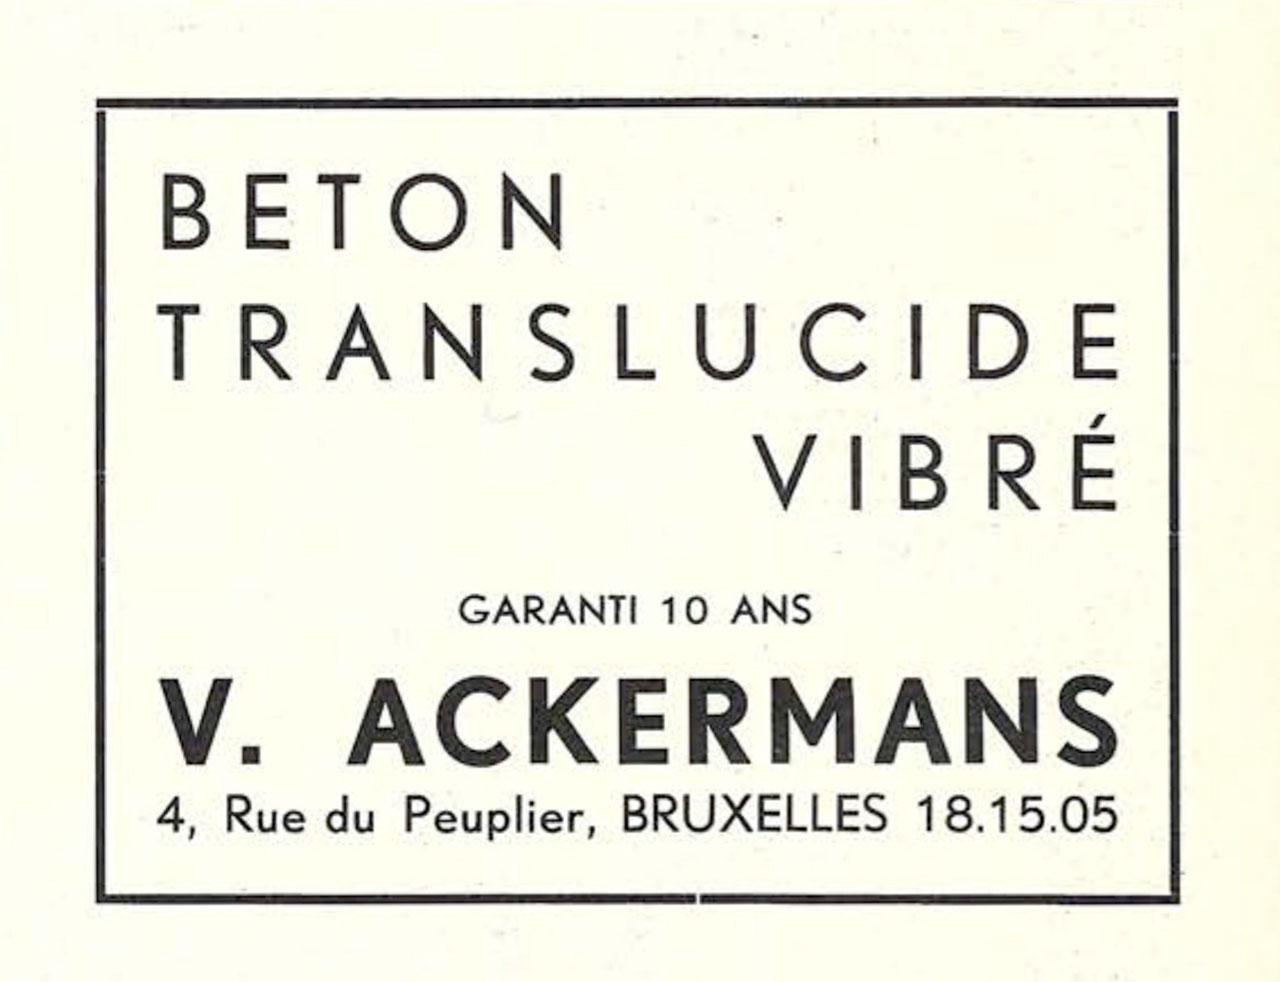 Béton Translucide Vibré